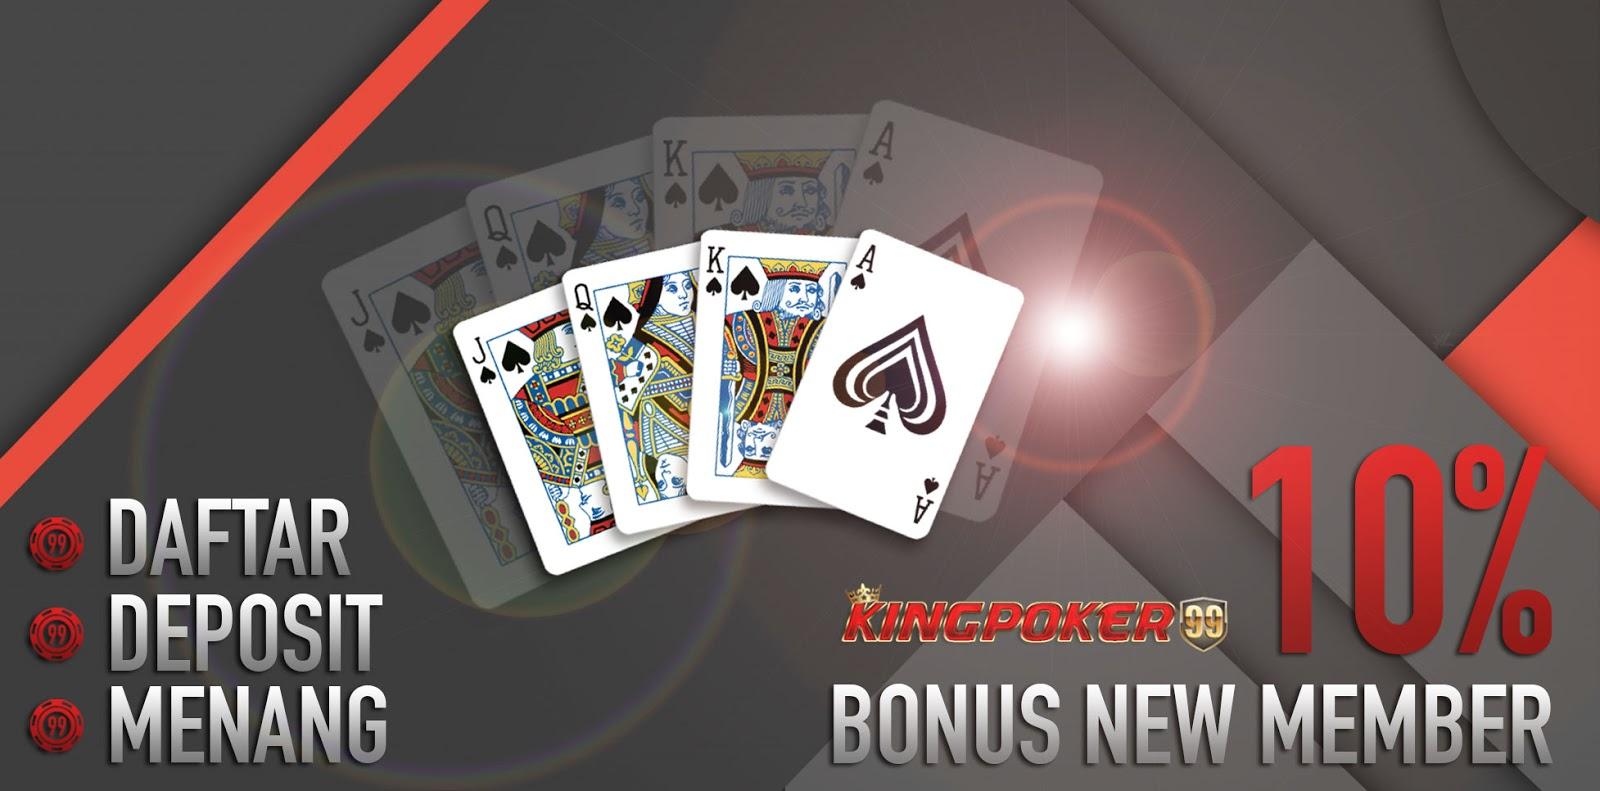 Bandar Poker Qq Istilah Dalam Permainan Judi Online Poker Indonesia